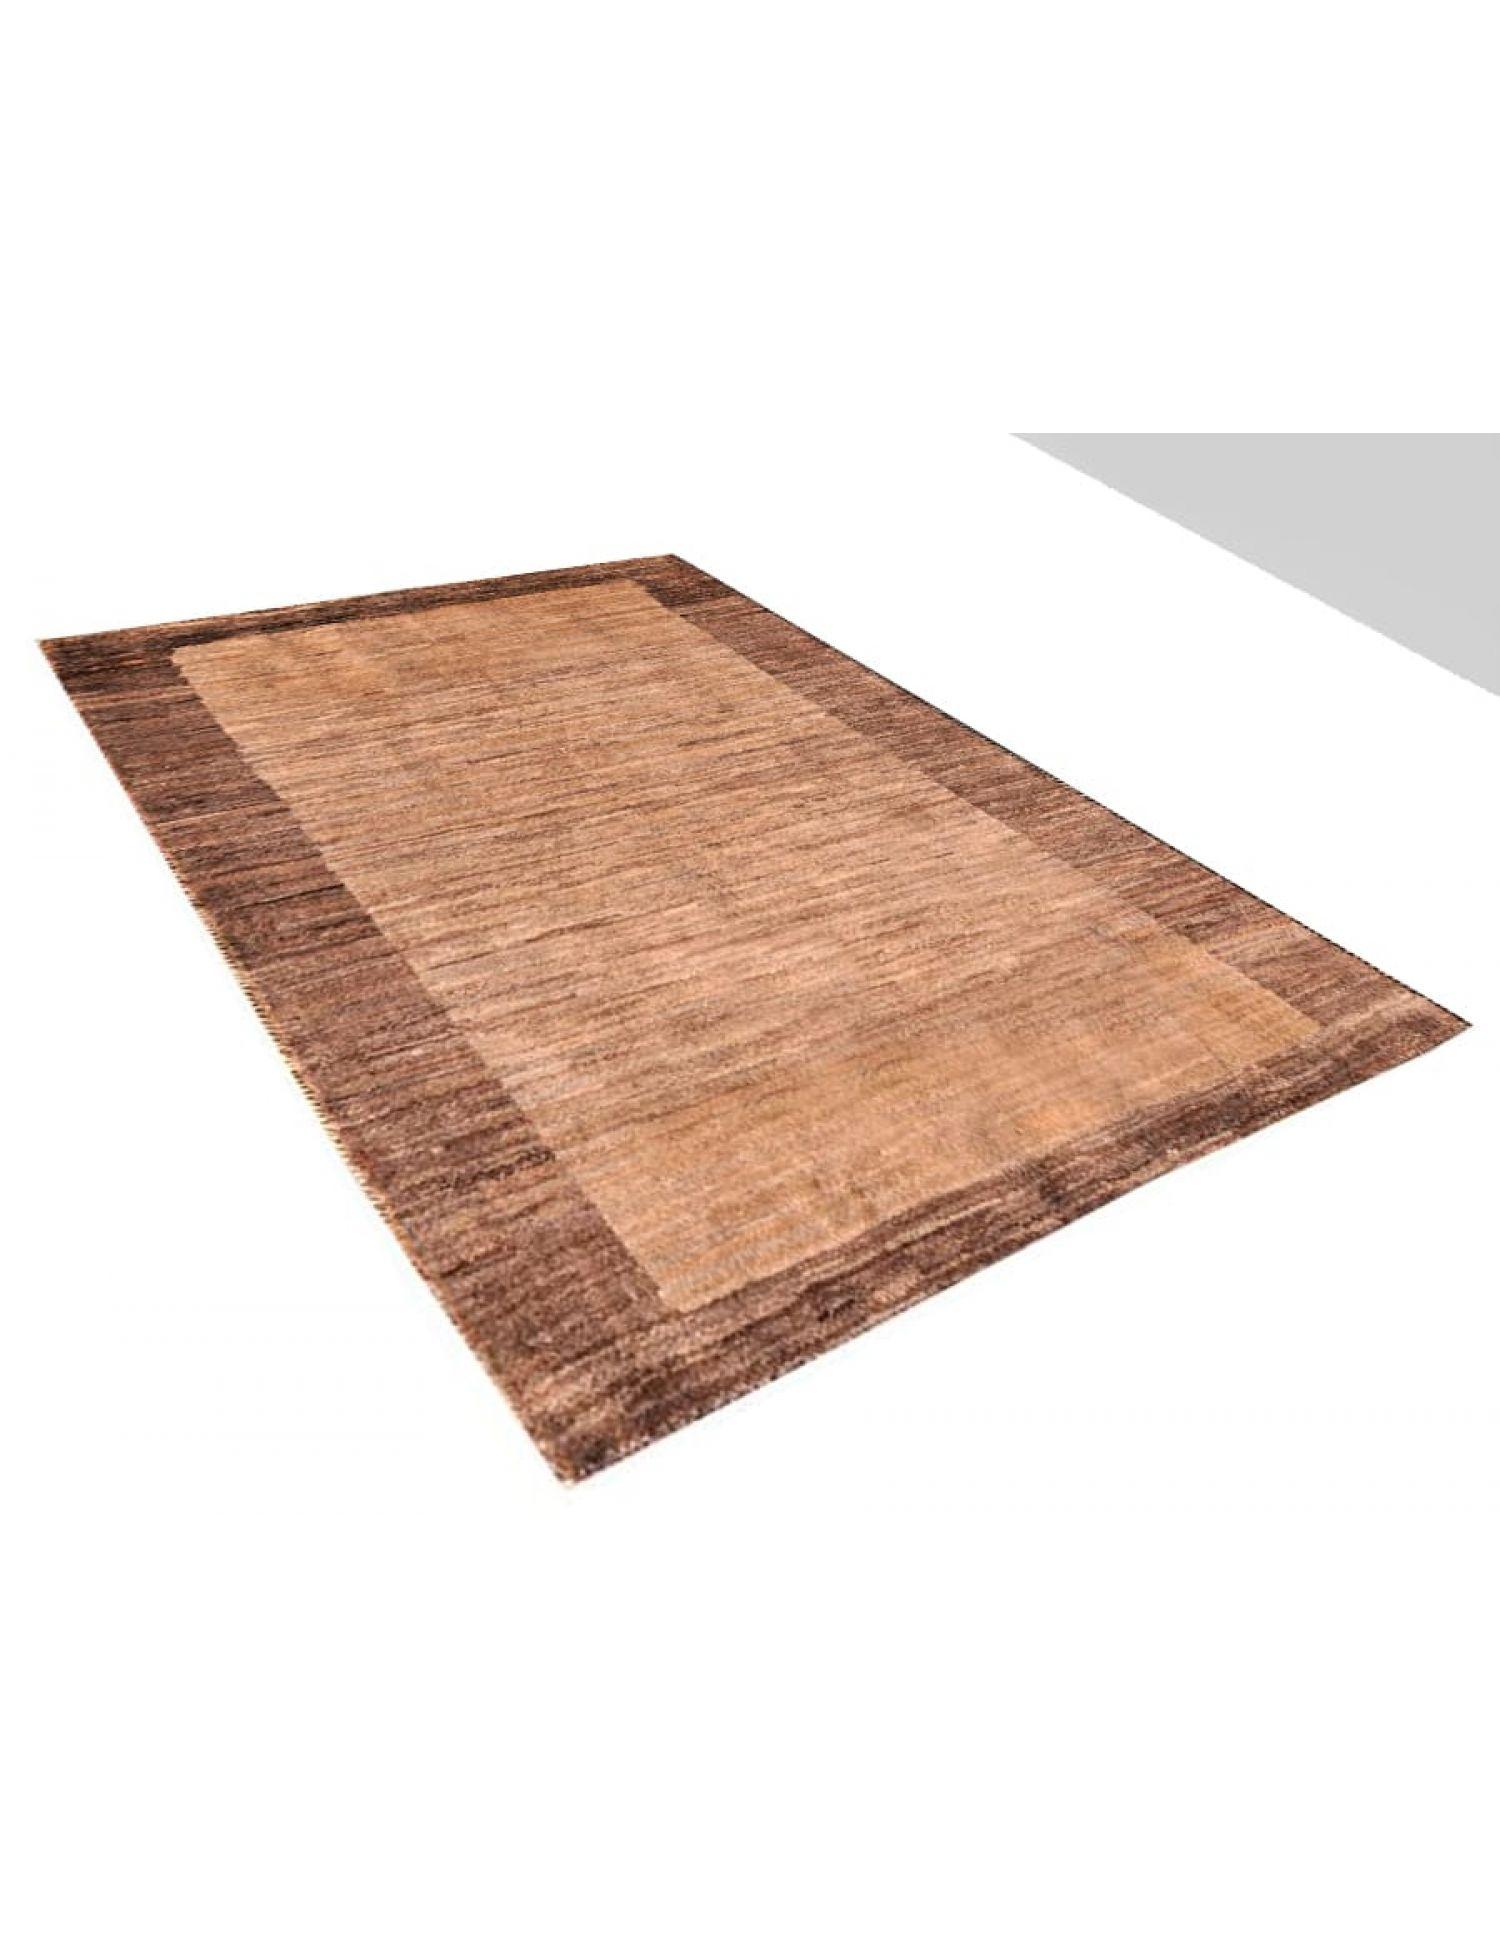 Moderne Teppiche   <br/>134 x 105 cm